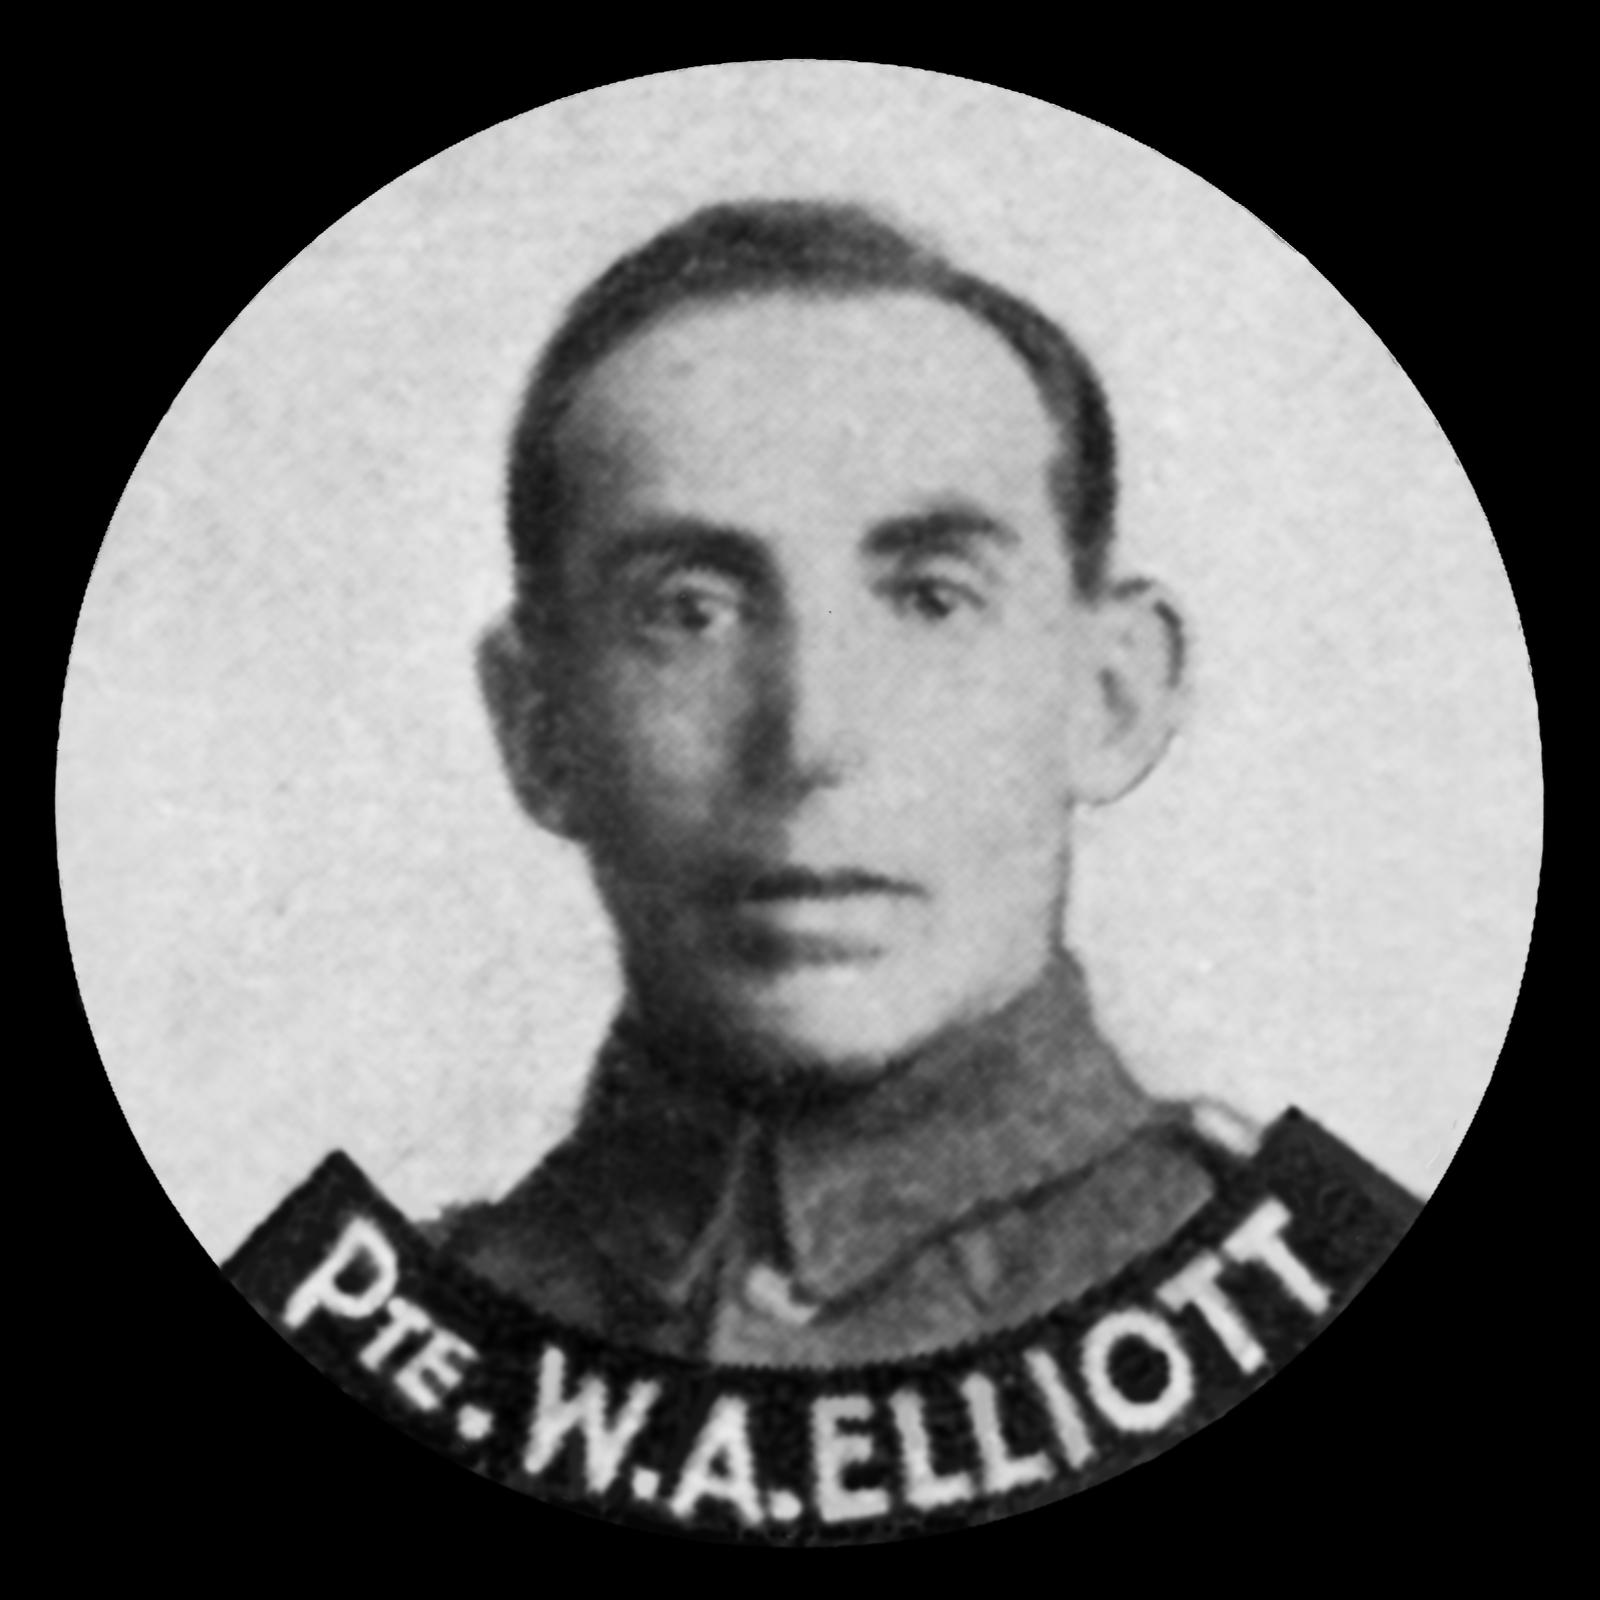 ELLIOTT William Alfred